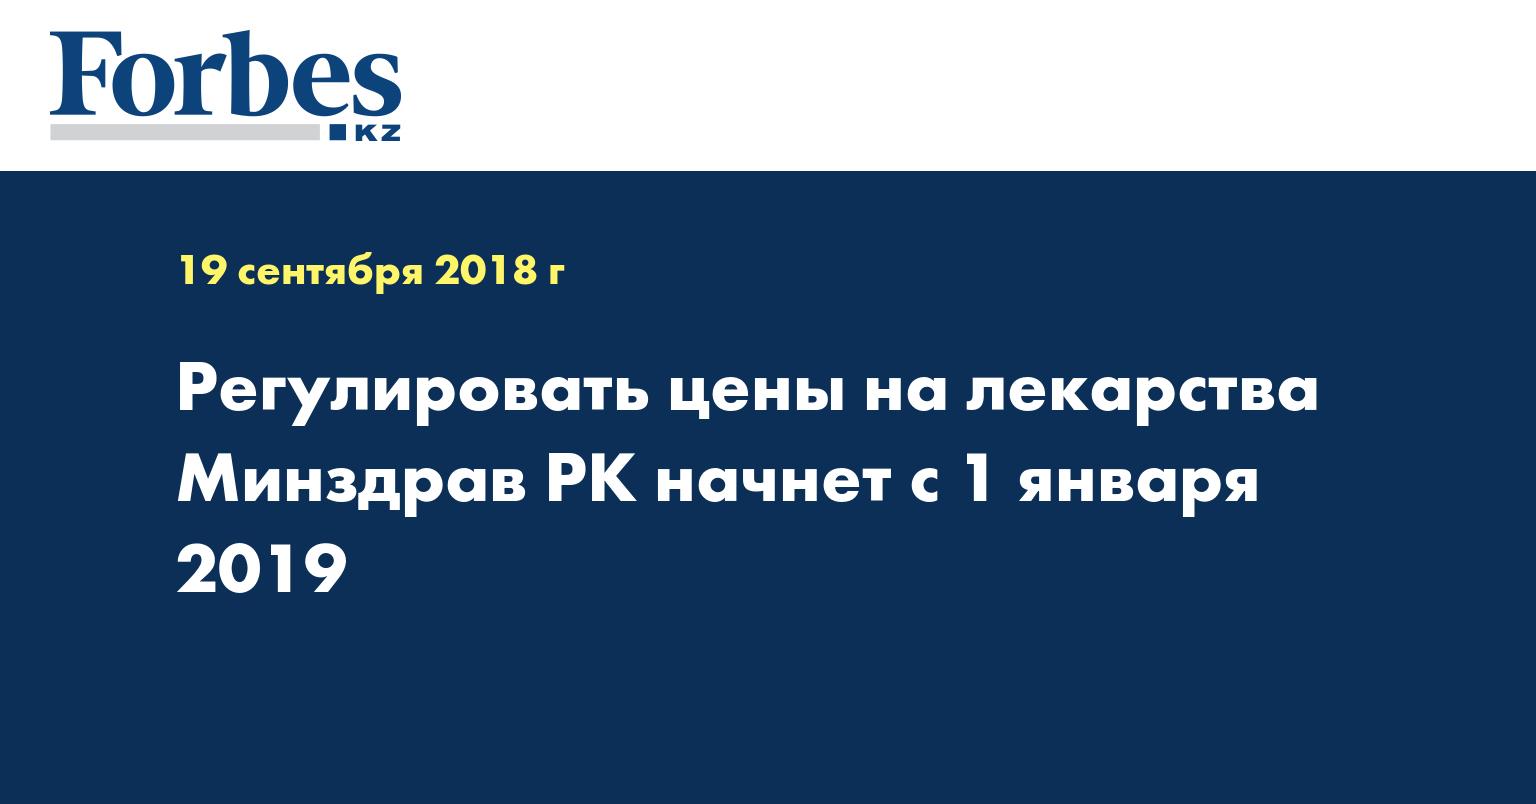 Регулировать цены на лекарства Минздрав РК начнет с 1 января 2019